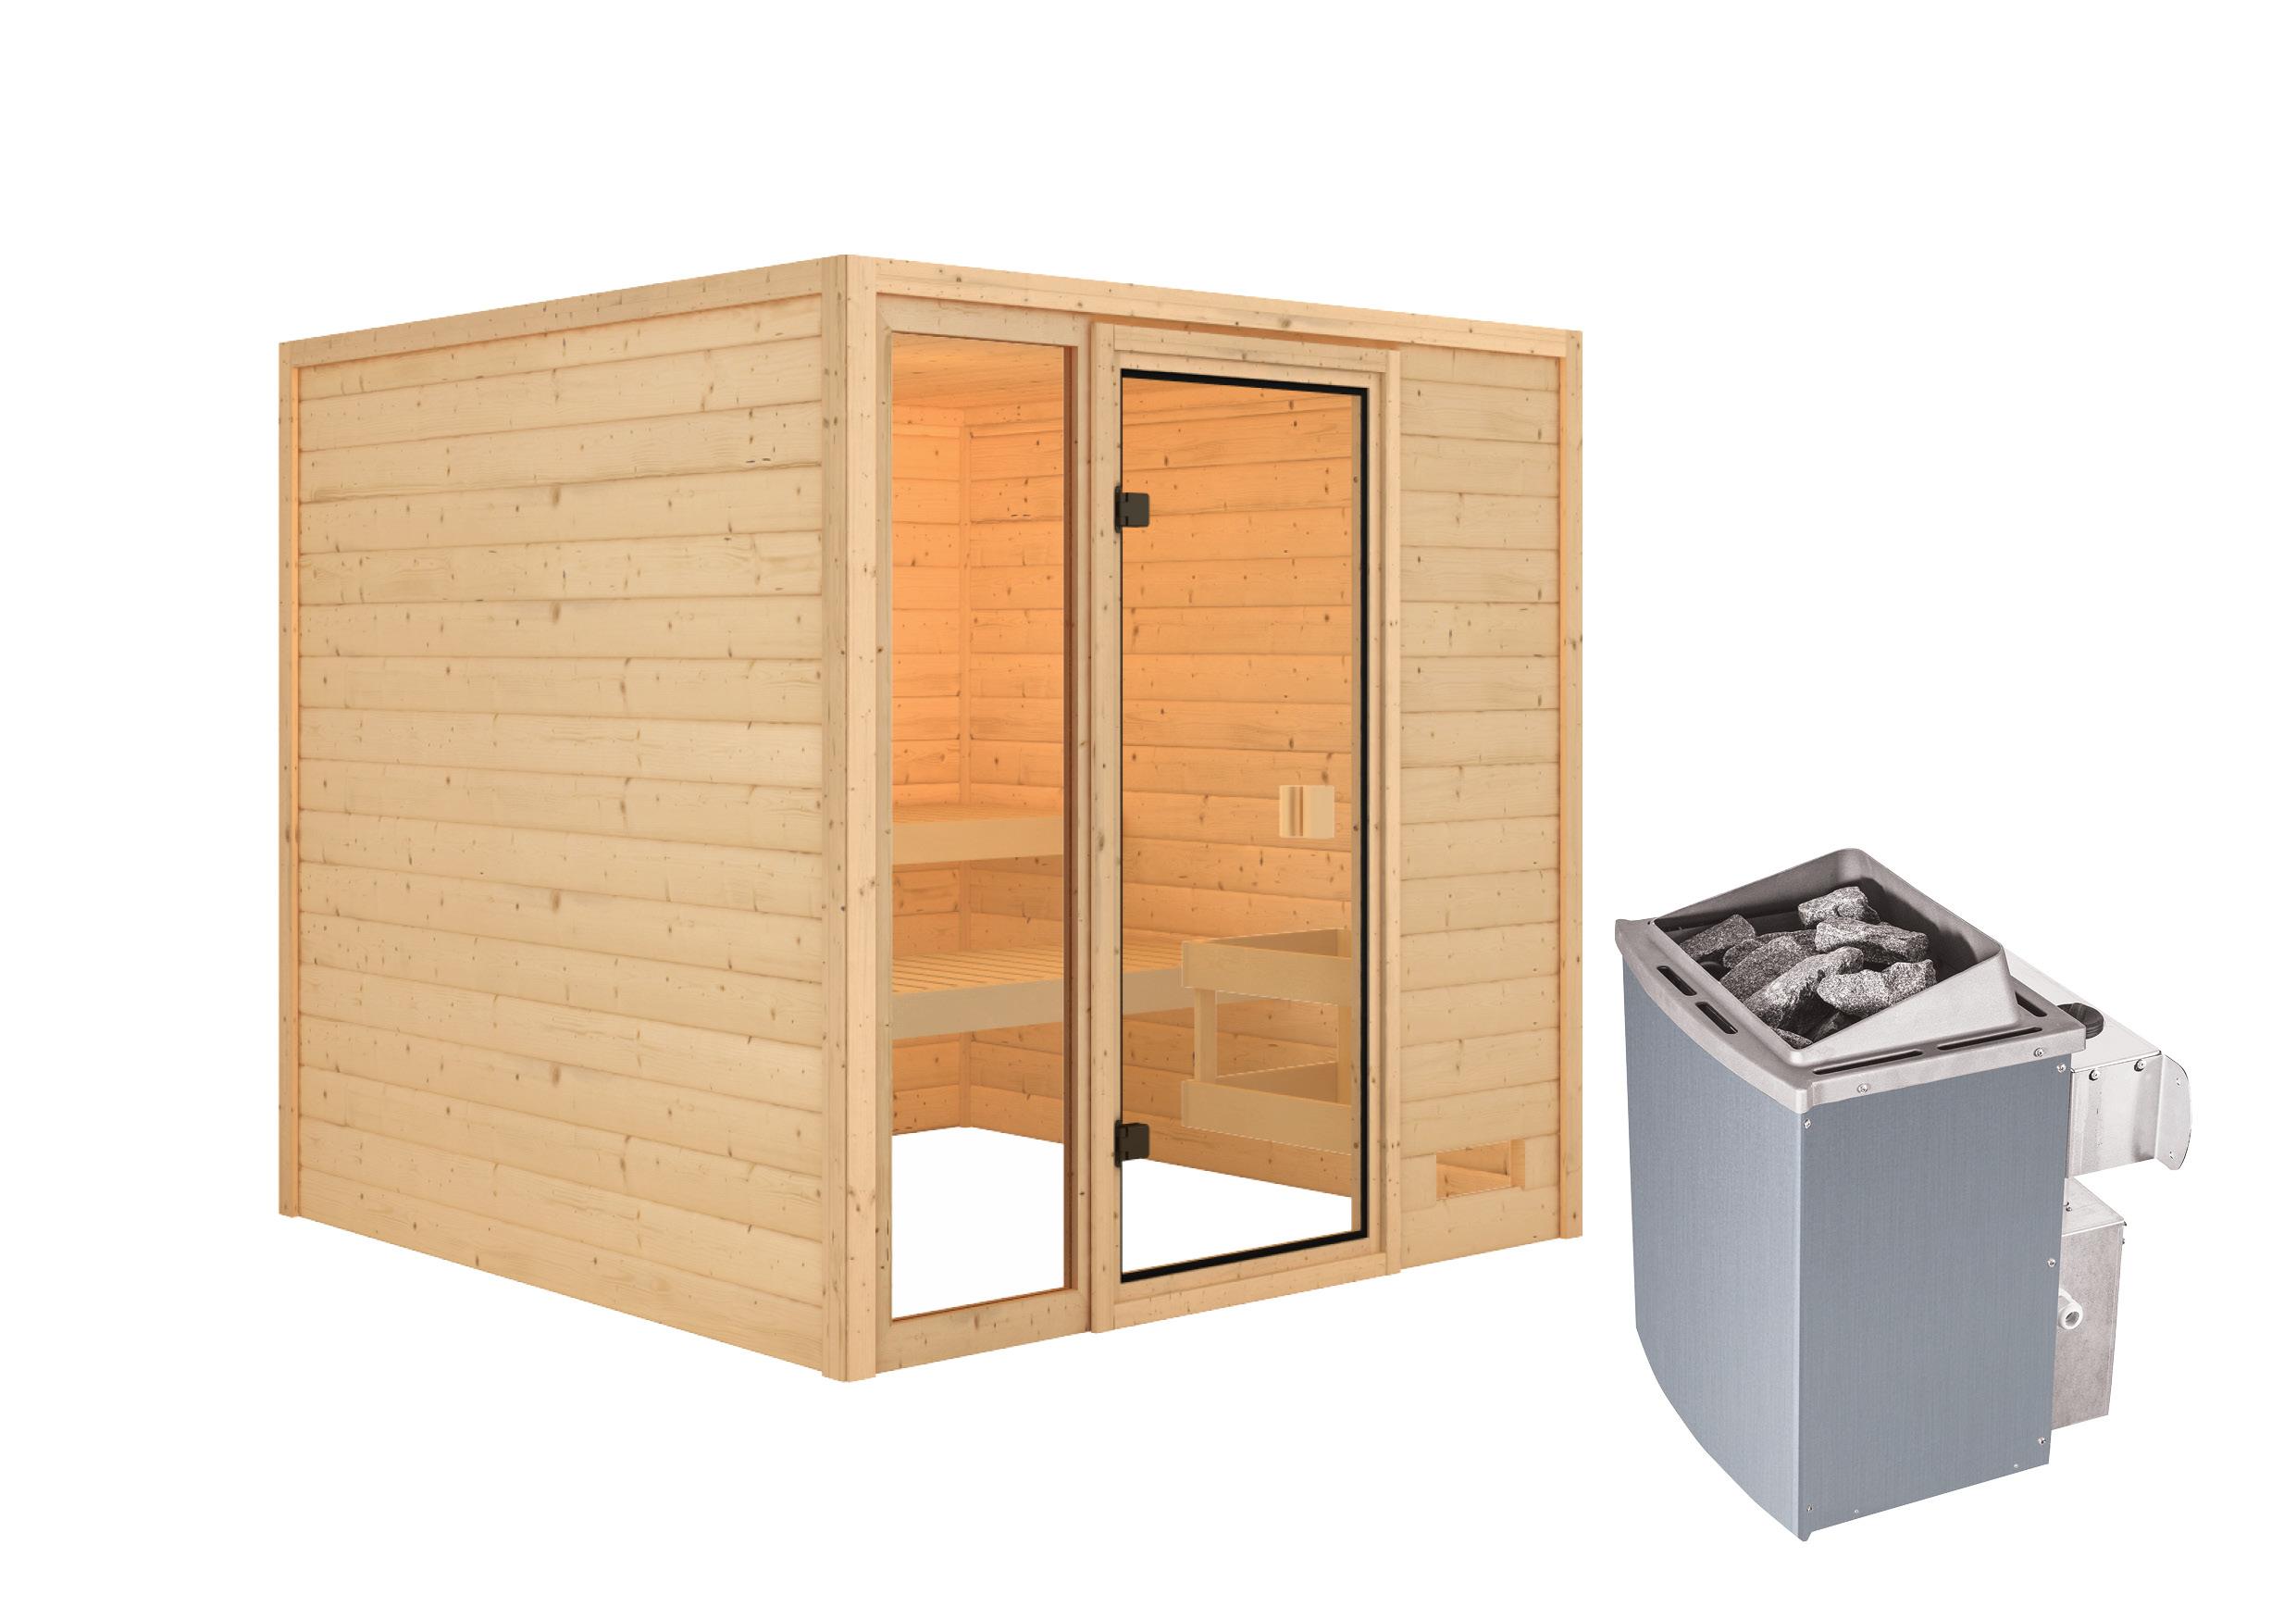 Woodfeeling Sauna Jutta 38mm Saunaofen 9 kW intern Bild 5